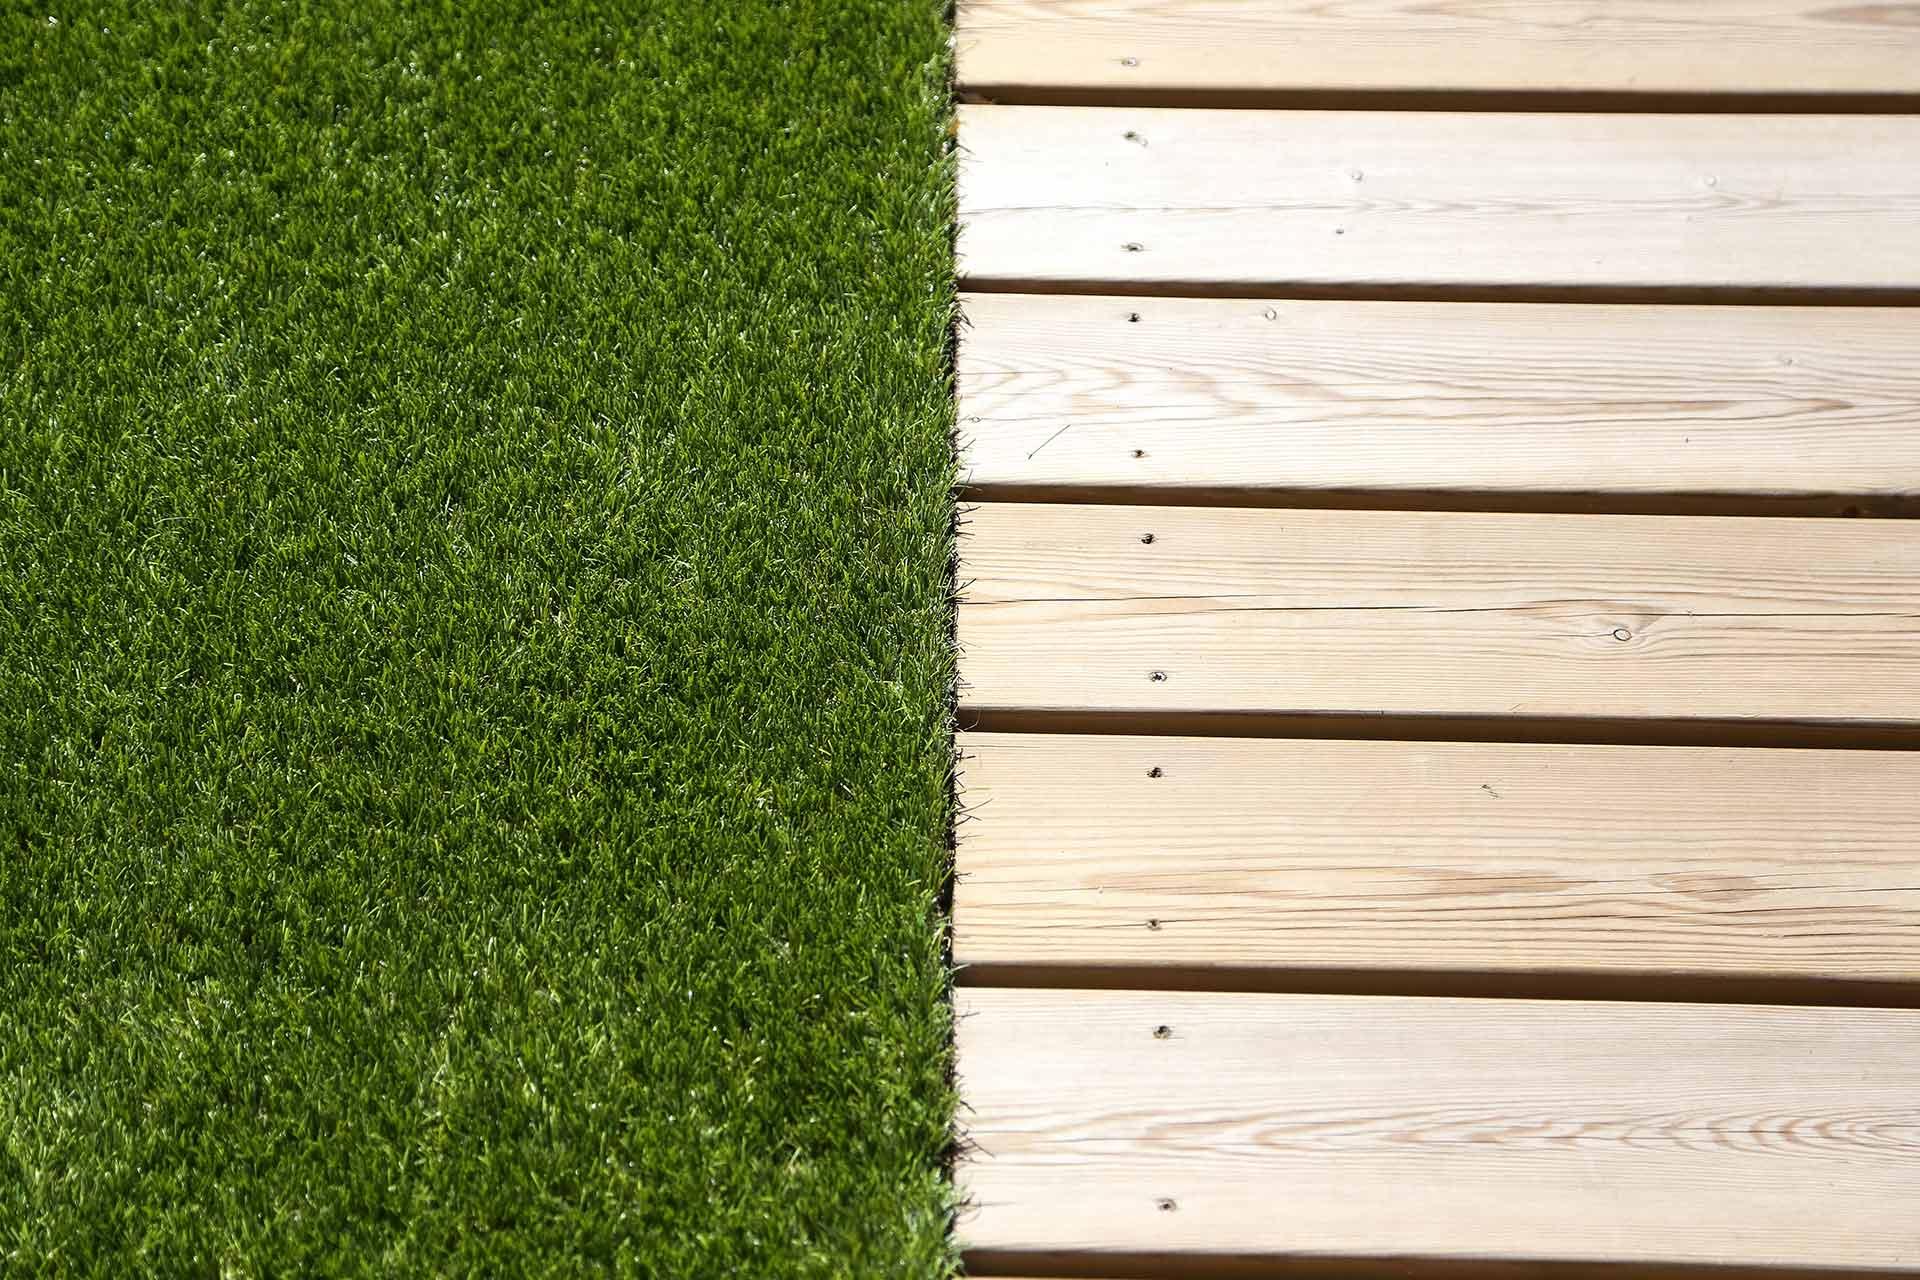 Entreprise du paysage, Serrault Jardins réalise des jardins sur-mesure dans diverses communes comme Amboise.